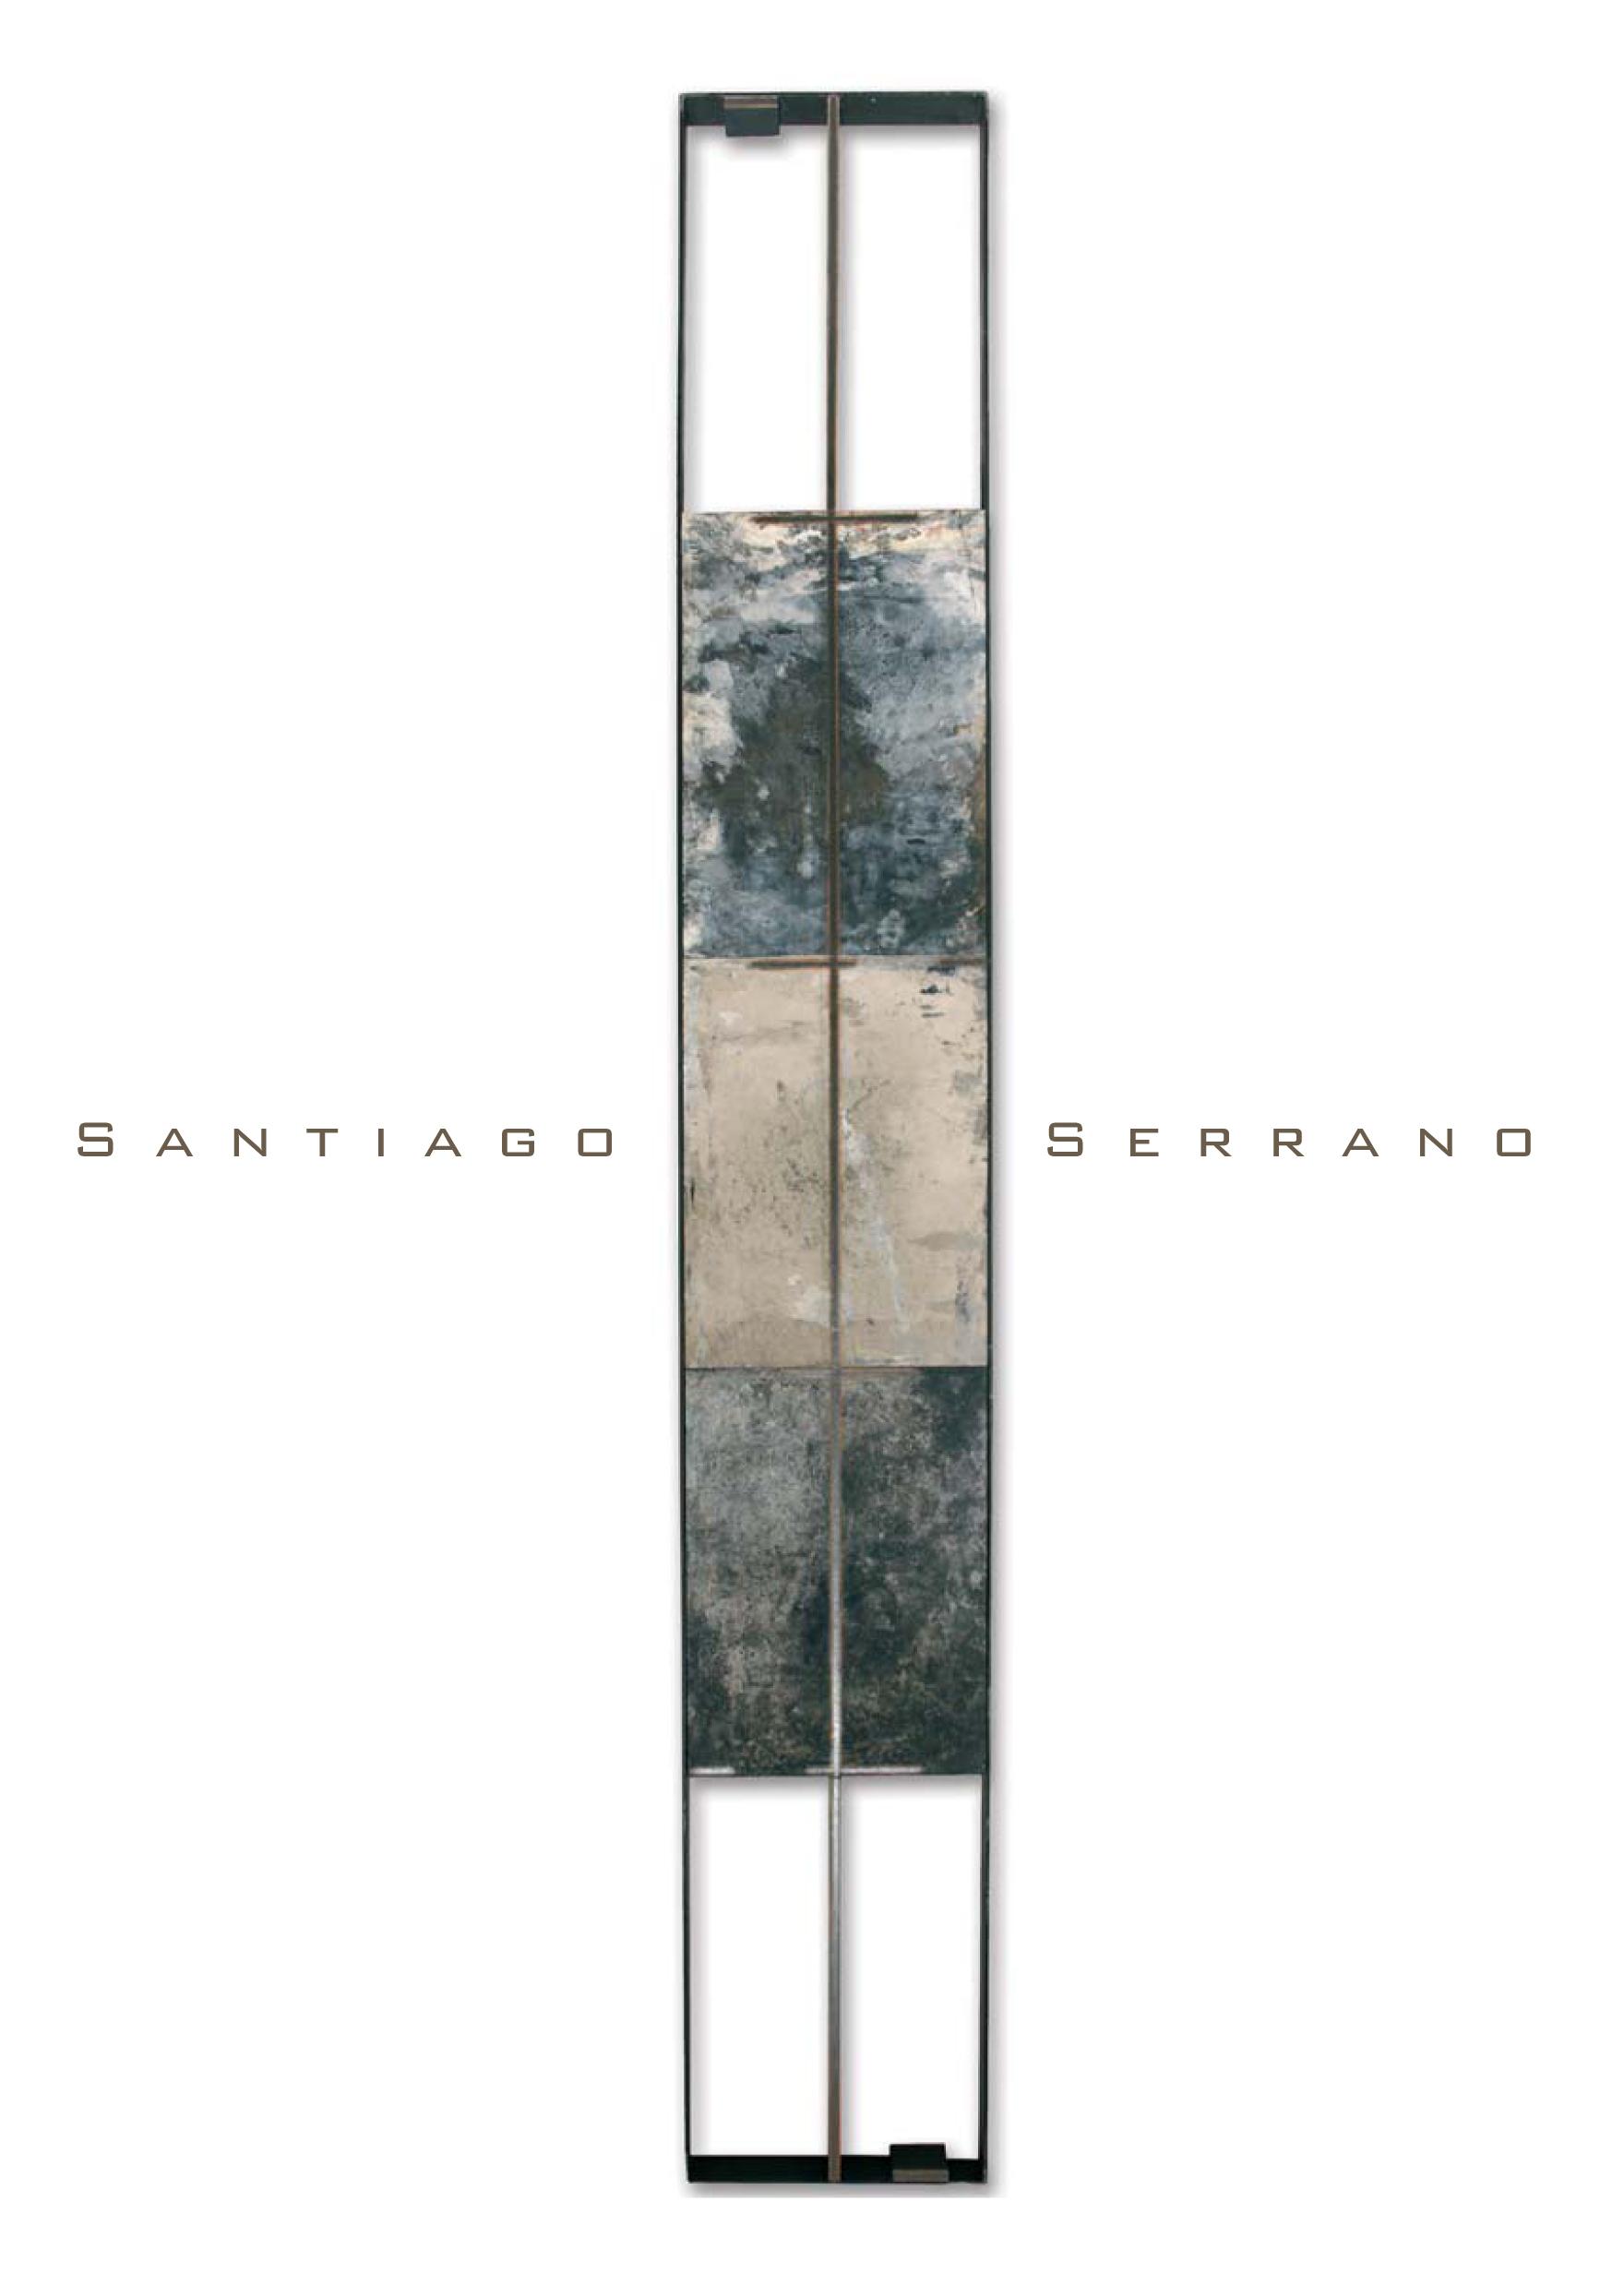 LOS DONES ESENCIALES DE SANTIAGO SERRANO